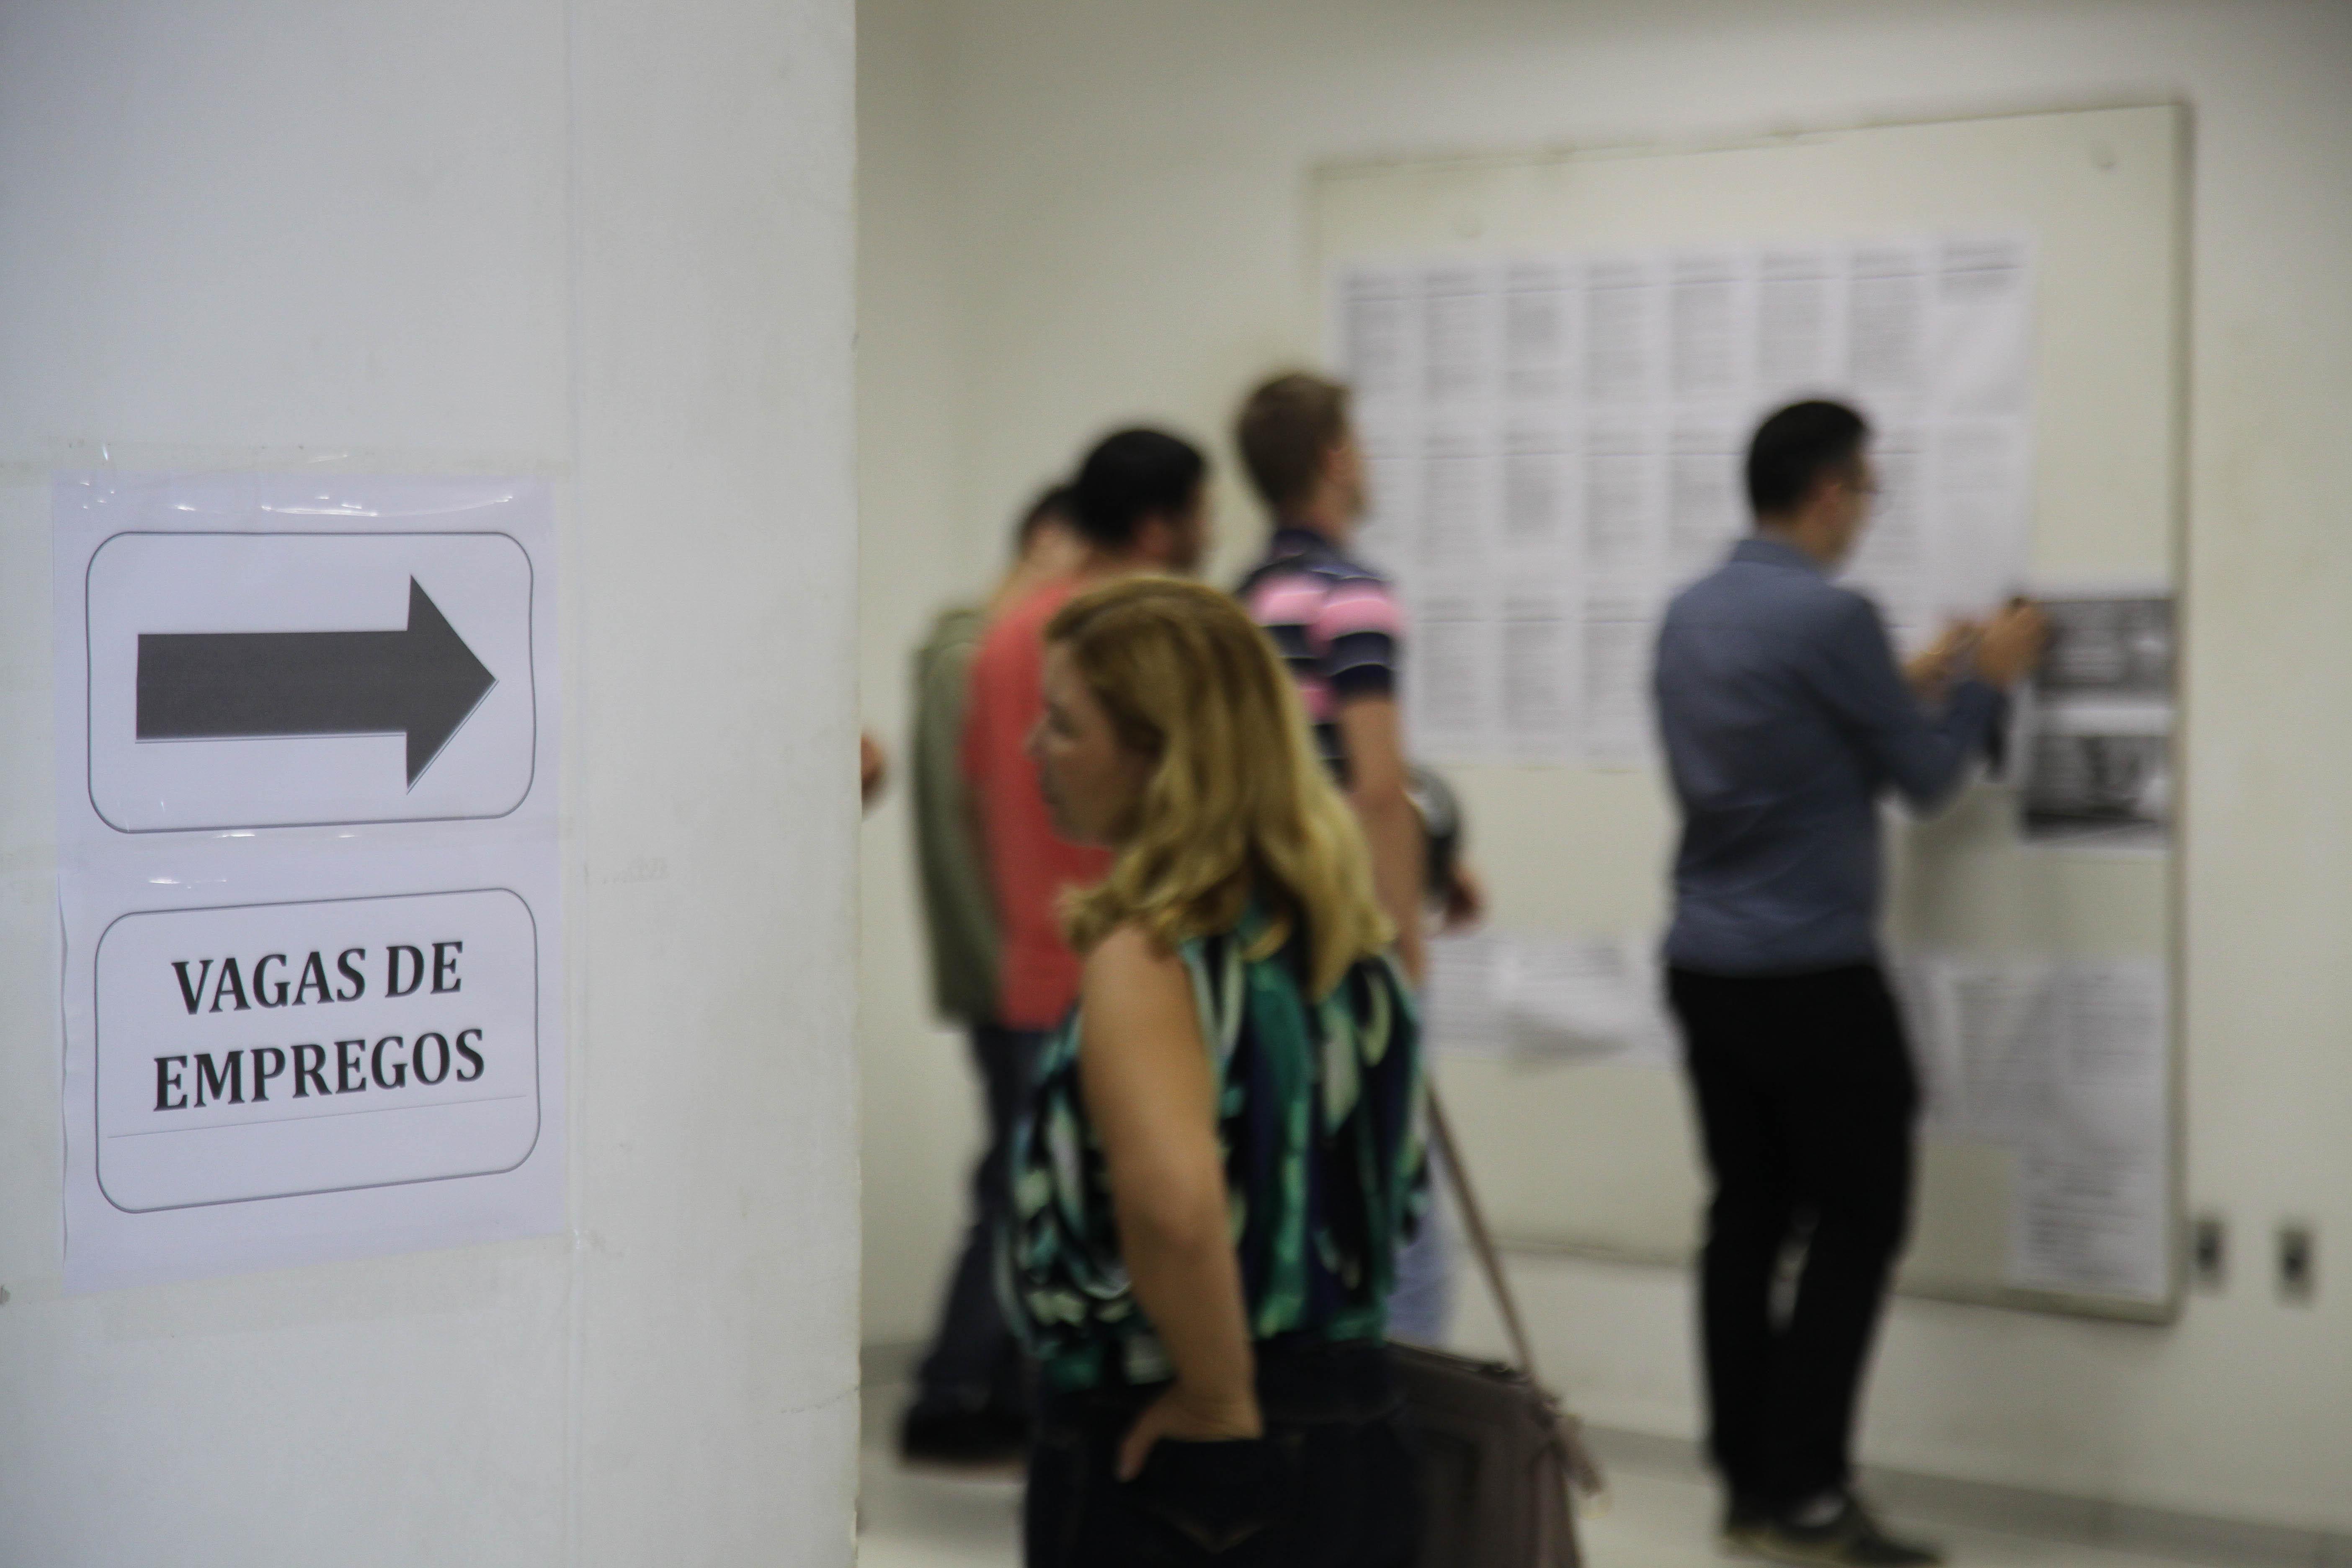 Balc O De Empregos De Itaja Tem 136 Vagas Em Aberto